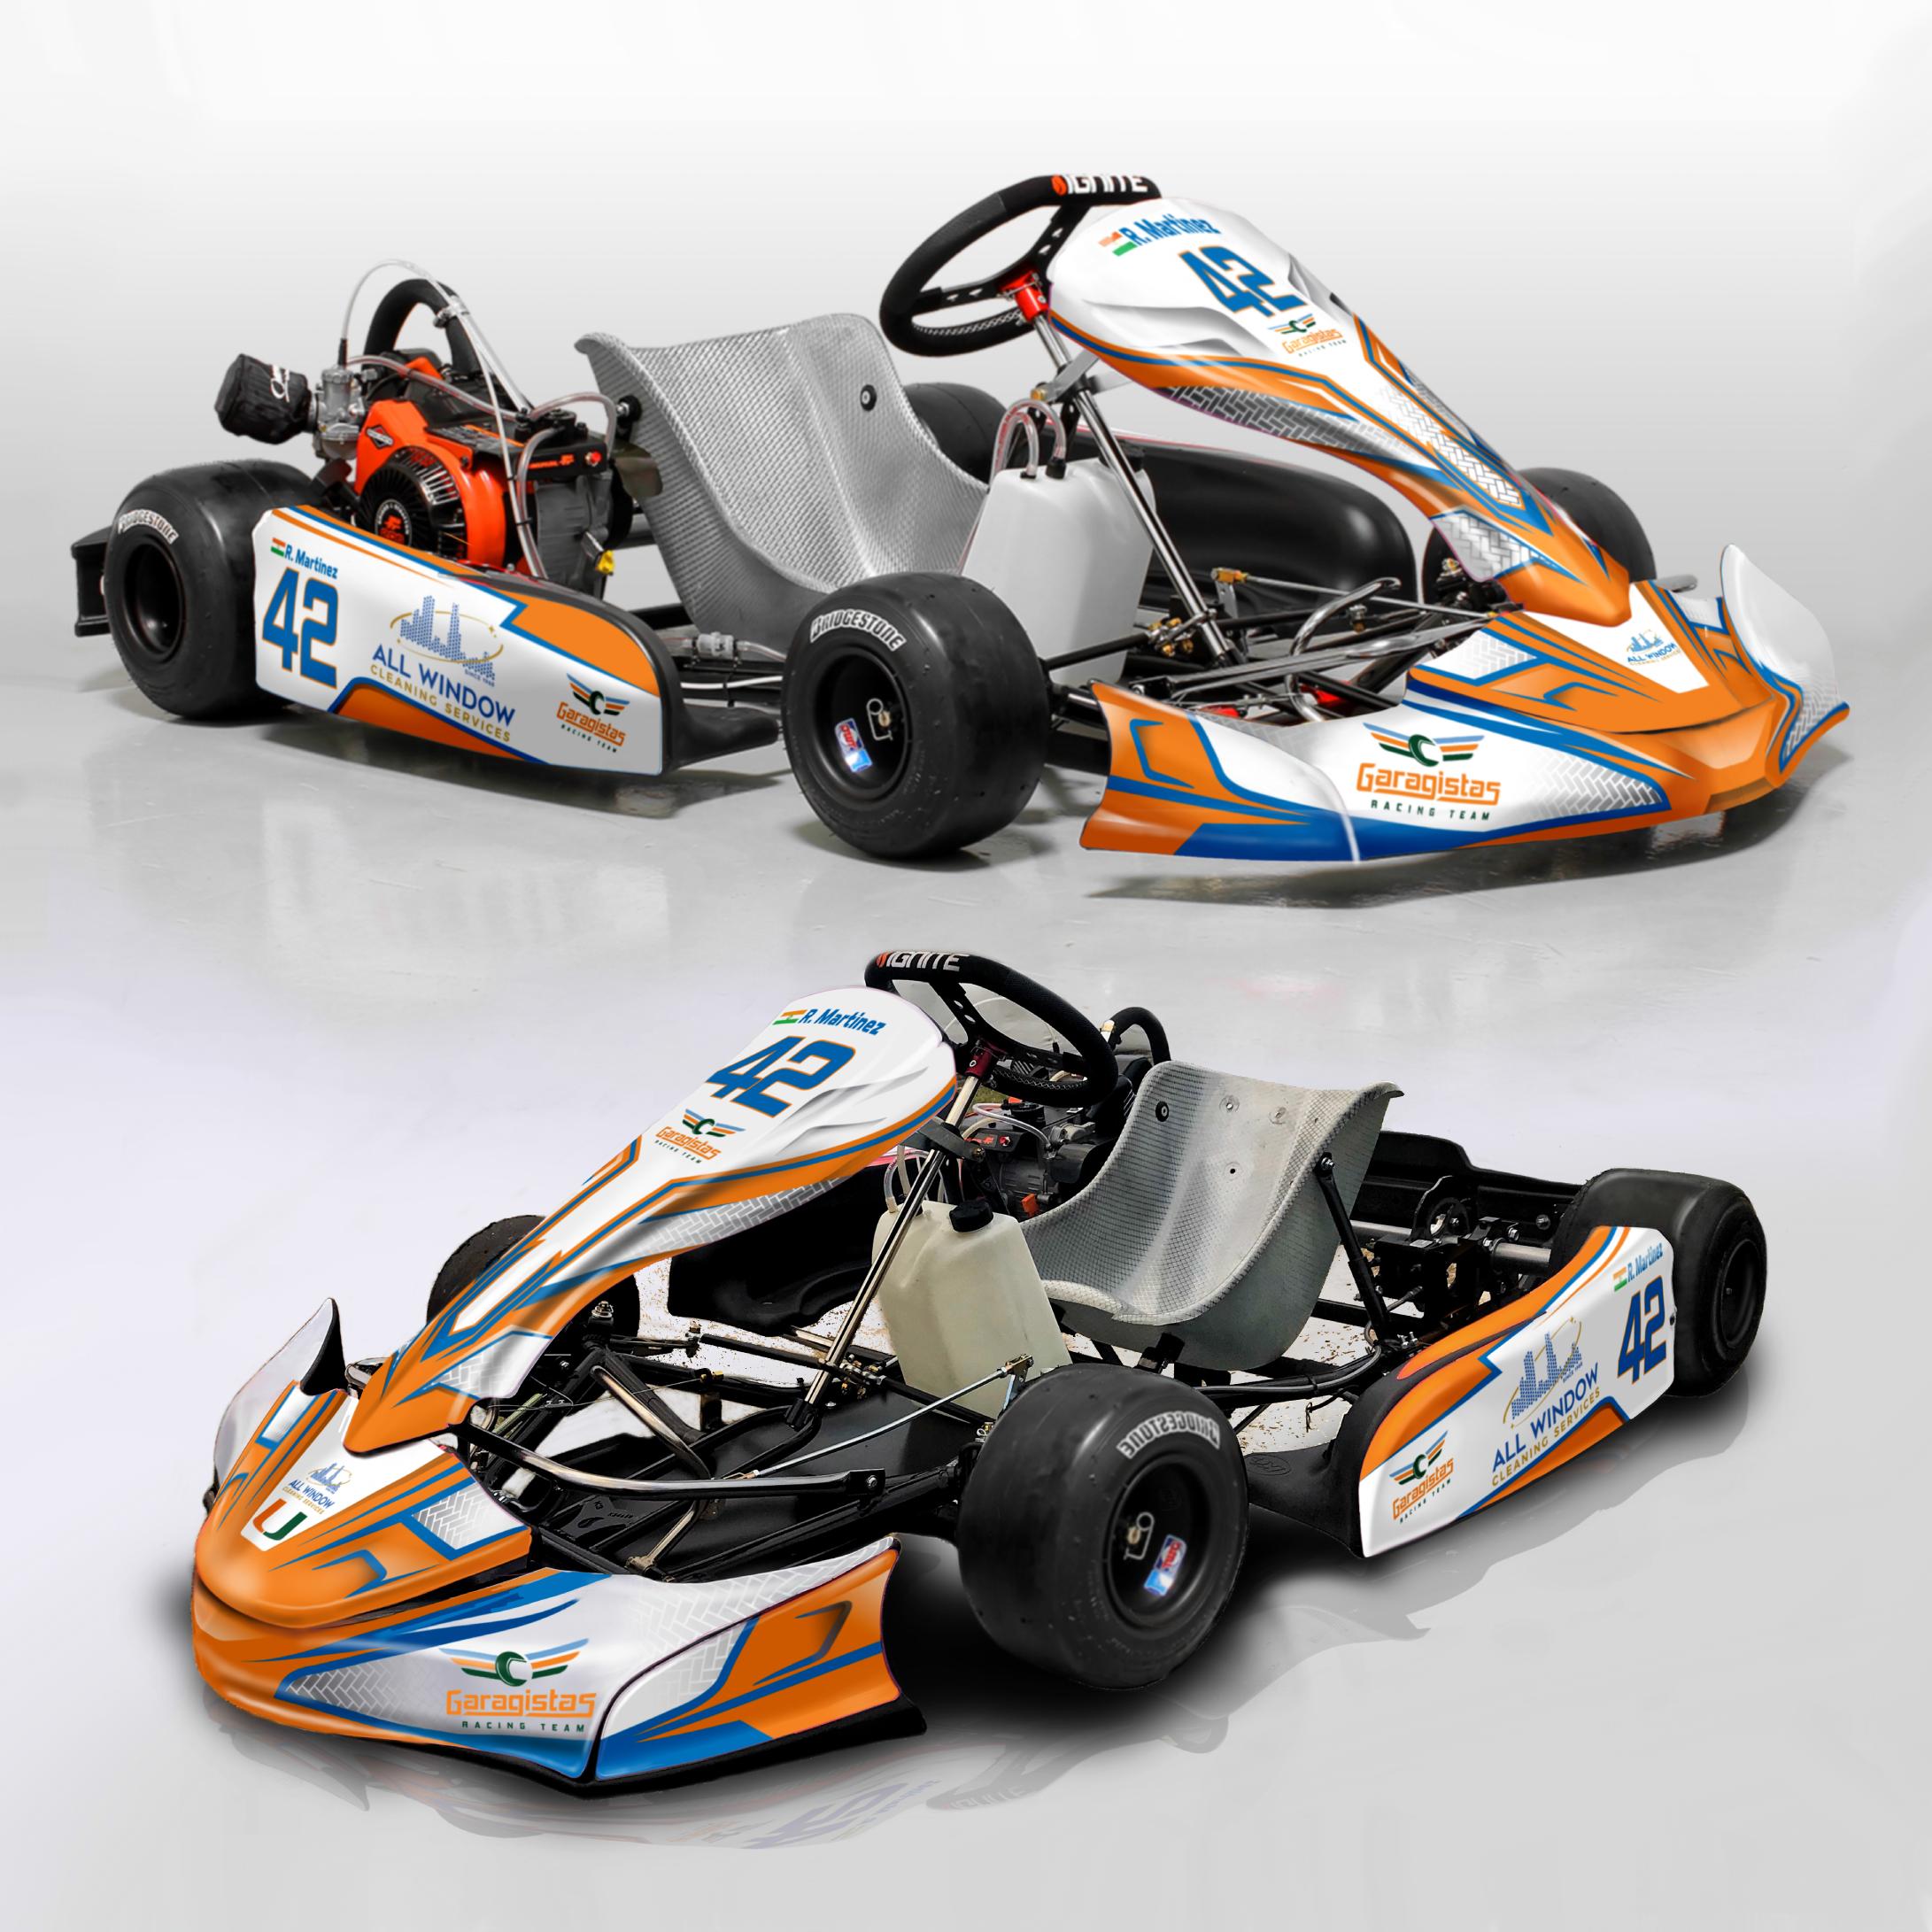 Graphics for racing kart